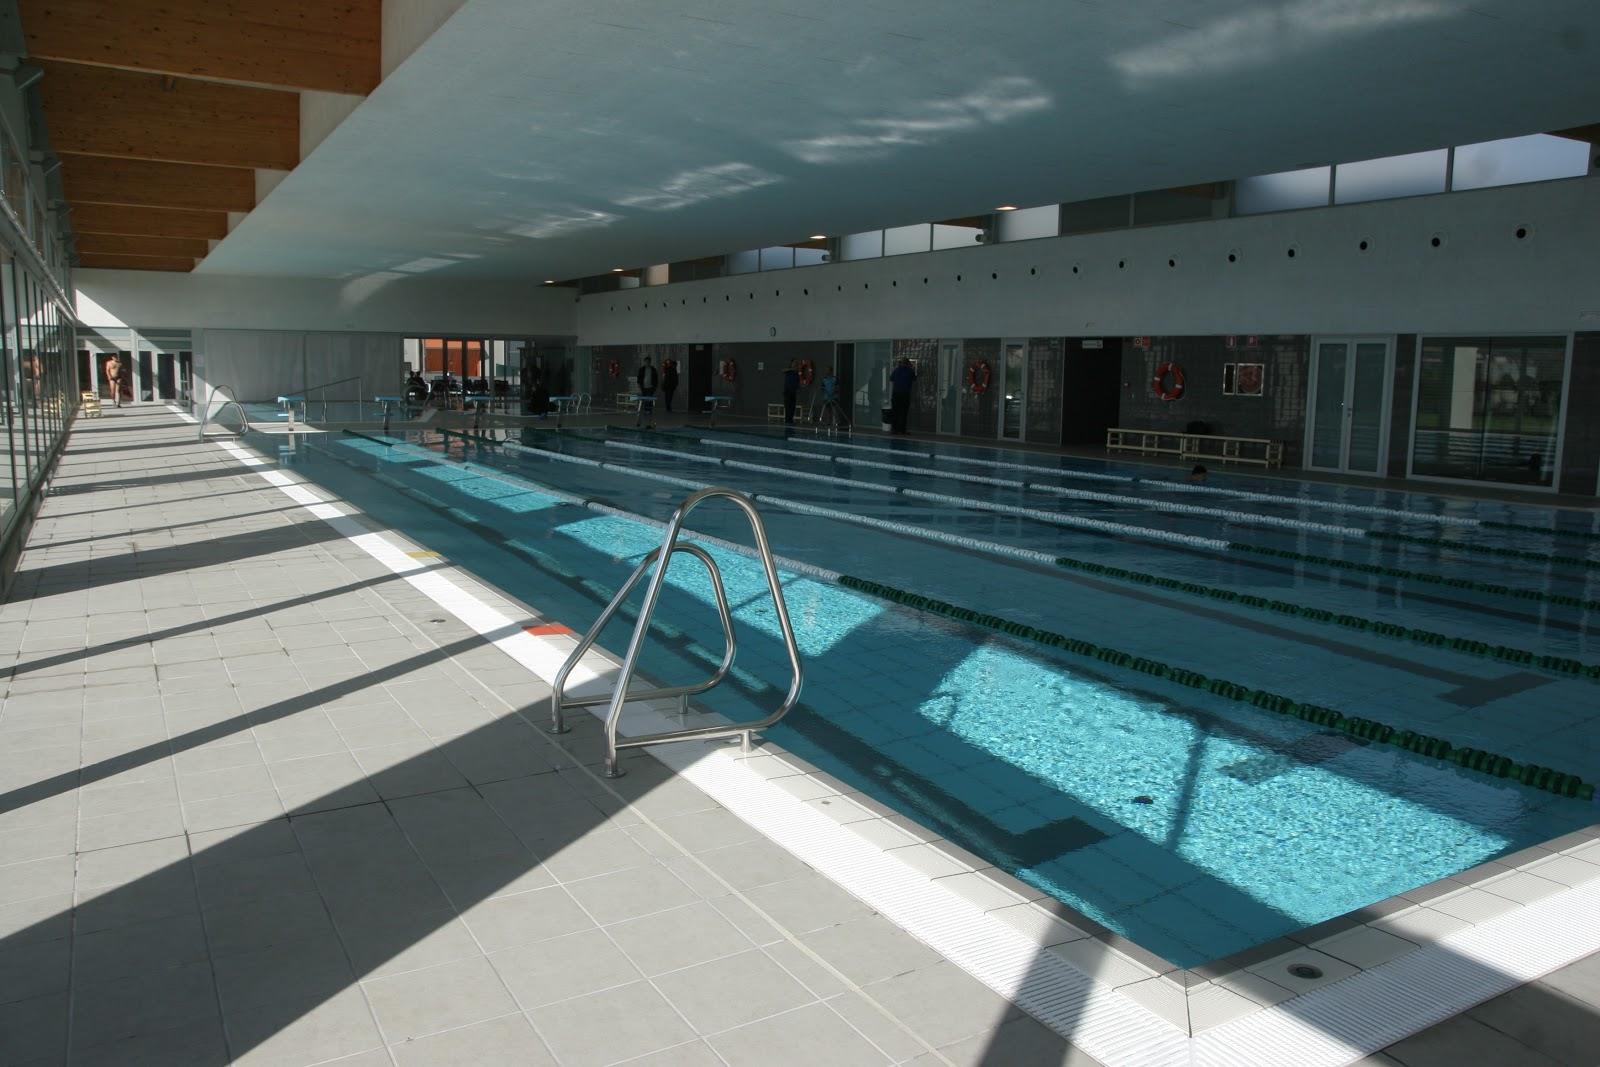 Rosa gres inaugurada la piscina municipal de canovelles for Piscina municipal de salt